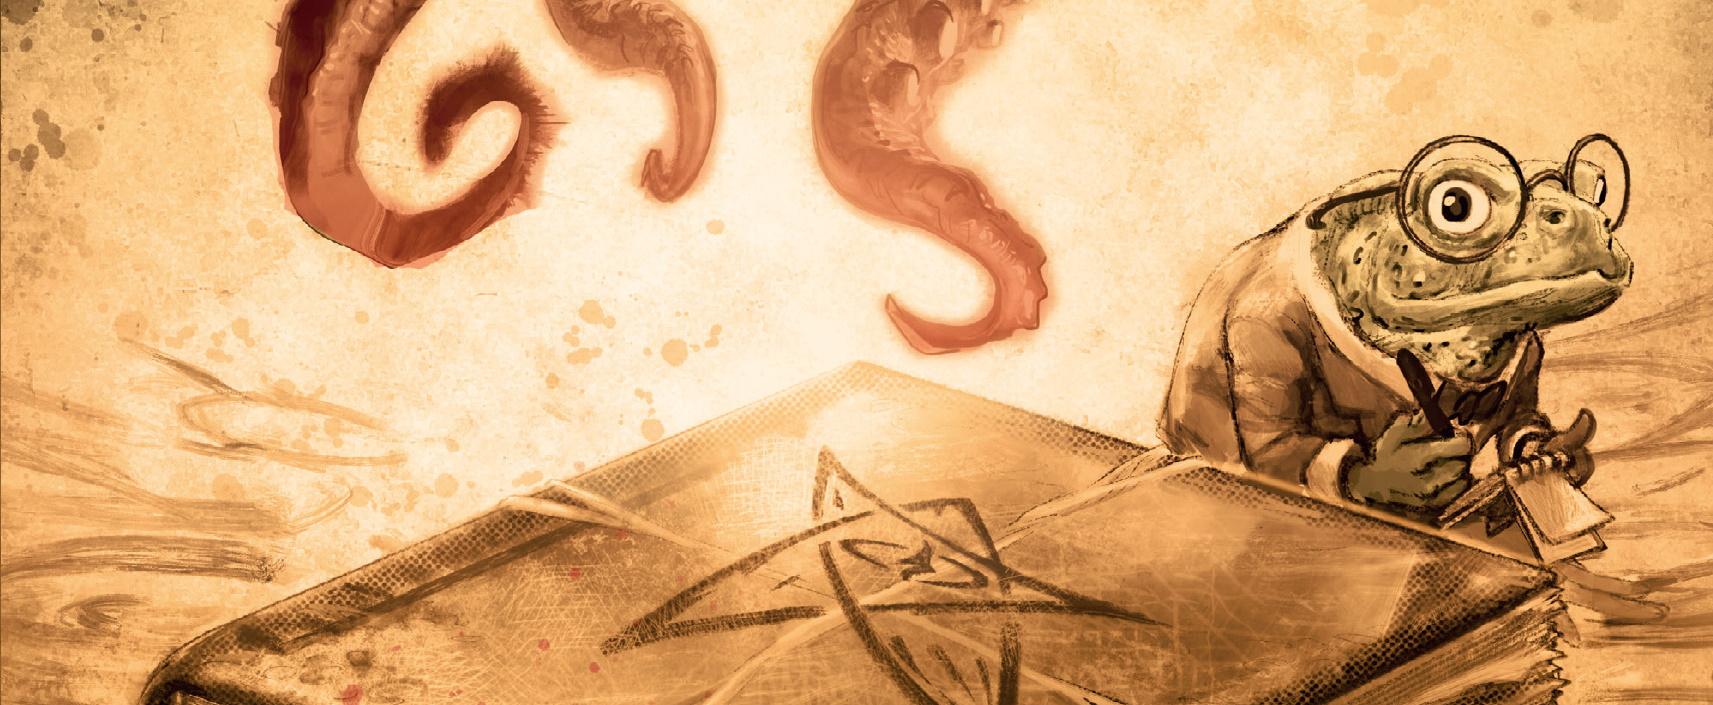 Le Dossier Arkham - Les secrets d'écriture d'Alex Nikolavitch